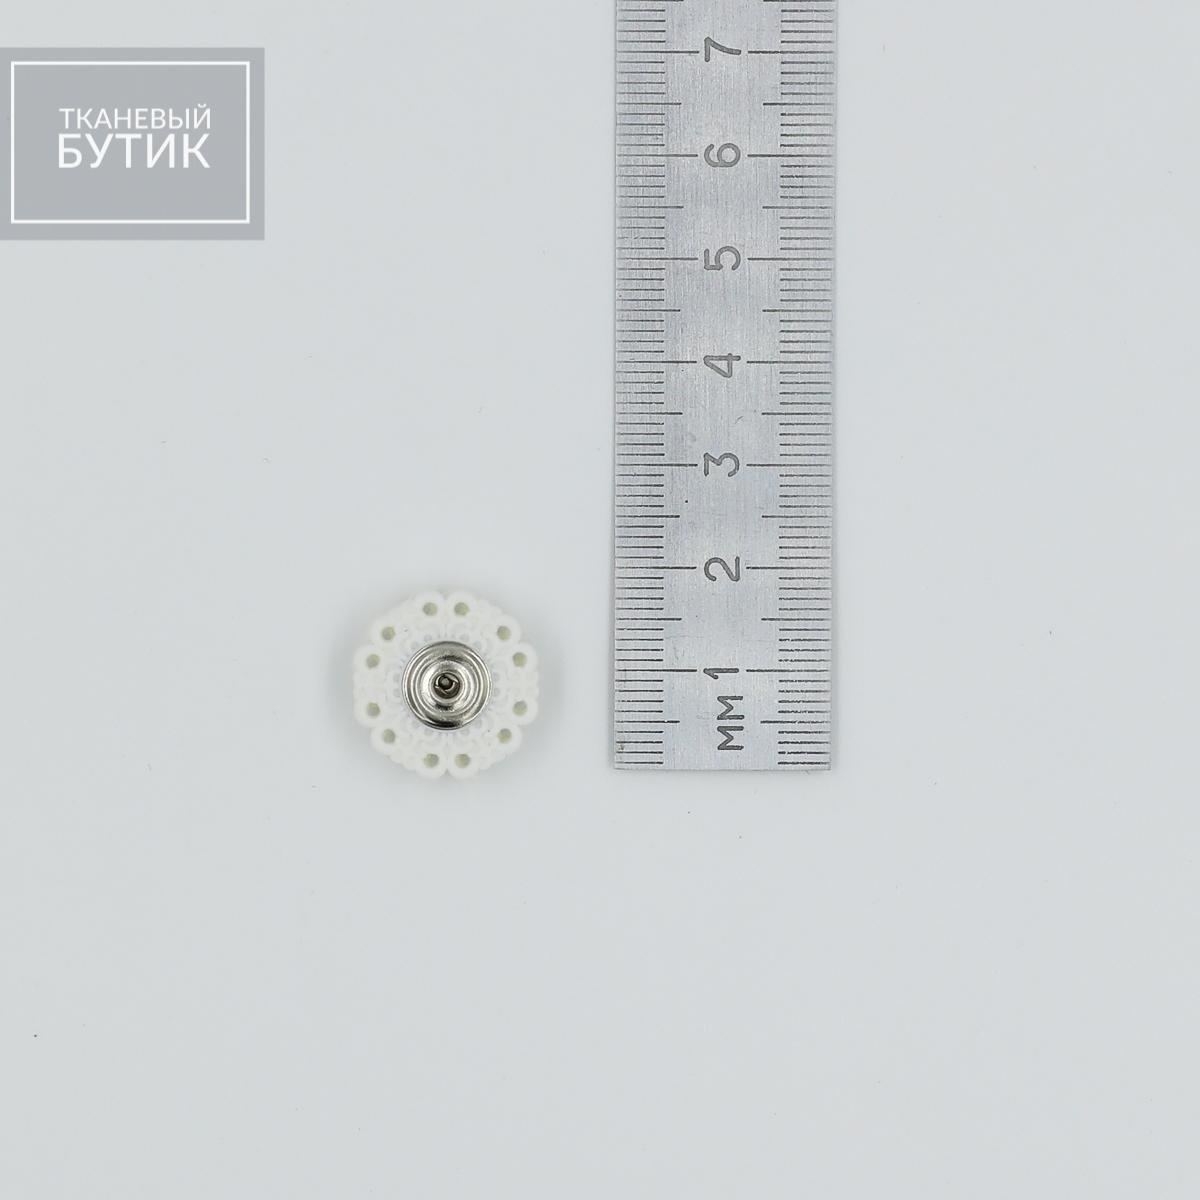 Металлическая кнопка на ажурной пластиковой основе